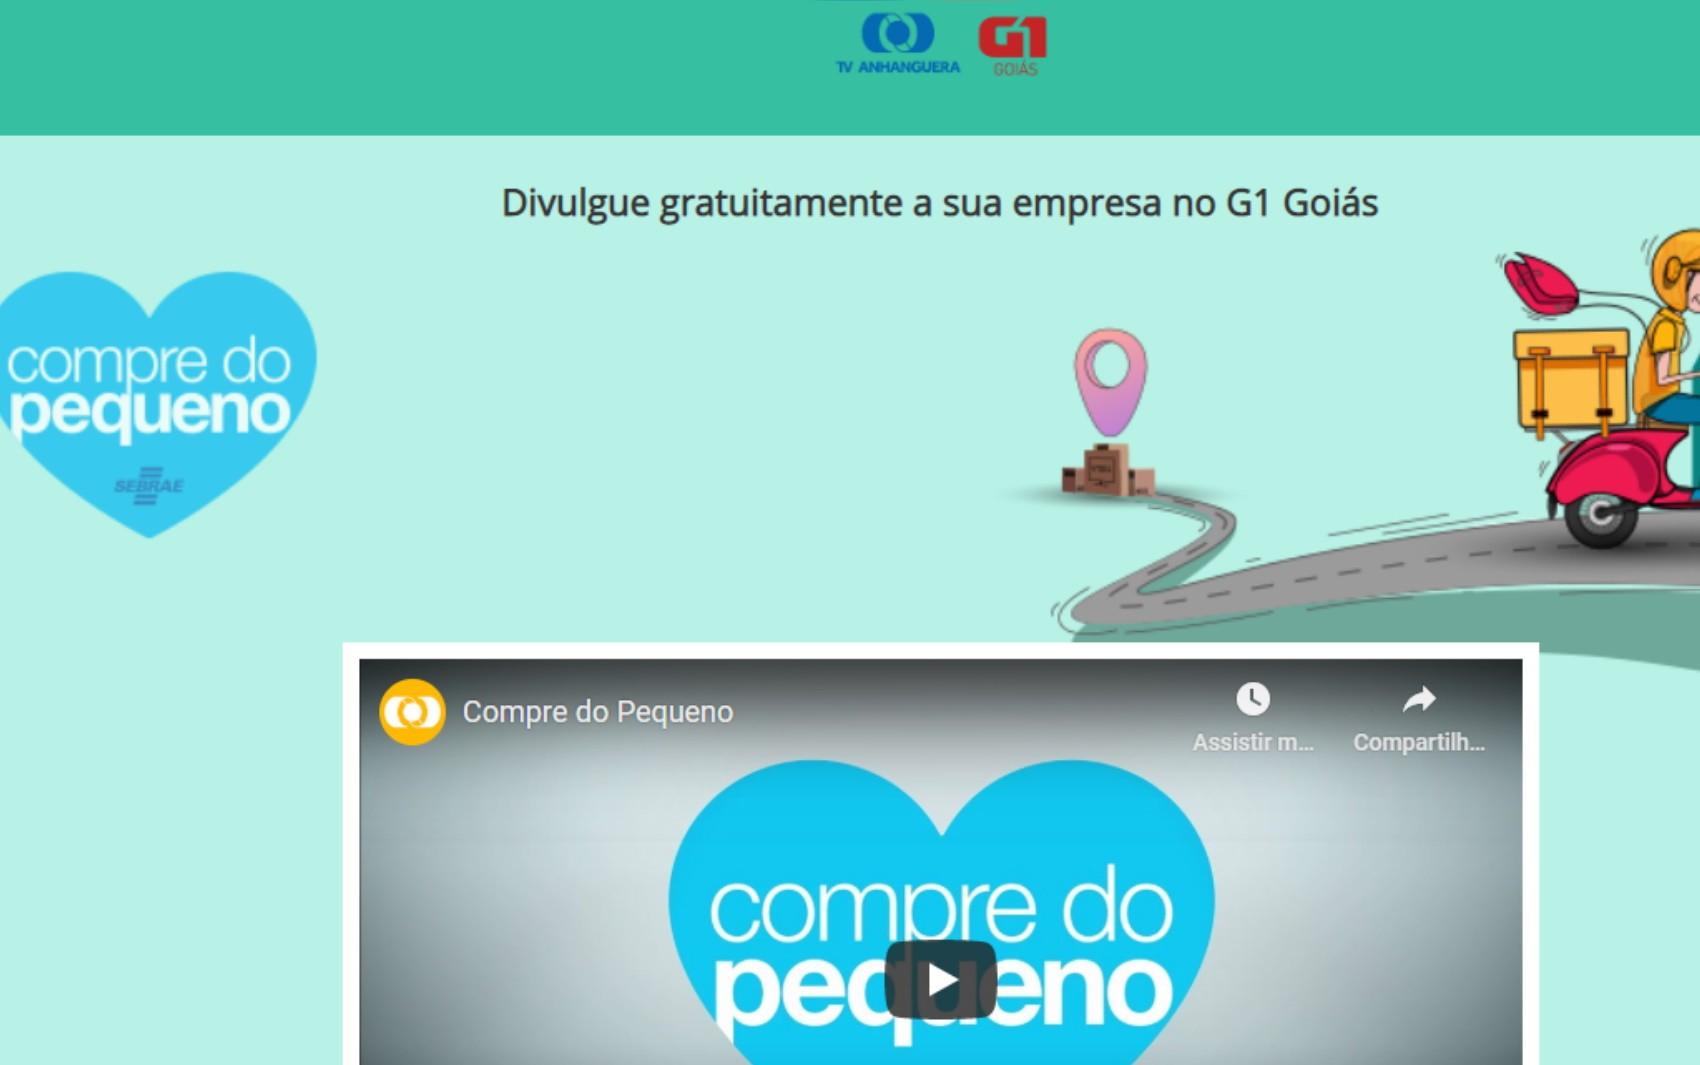 TV Anhanguera lança guia 'Compre do Pequeno' para conectar 2 mil empresas e clientes em Goiás; veja lista